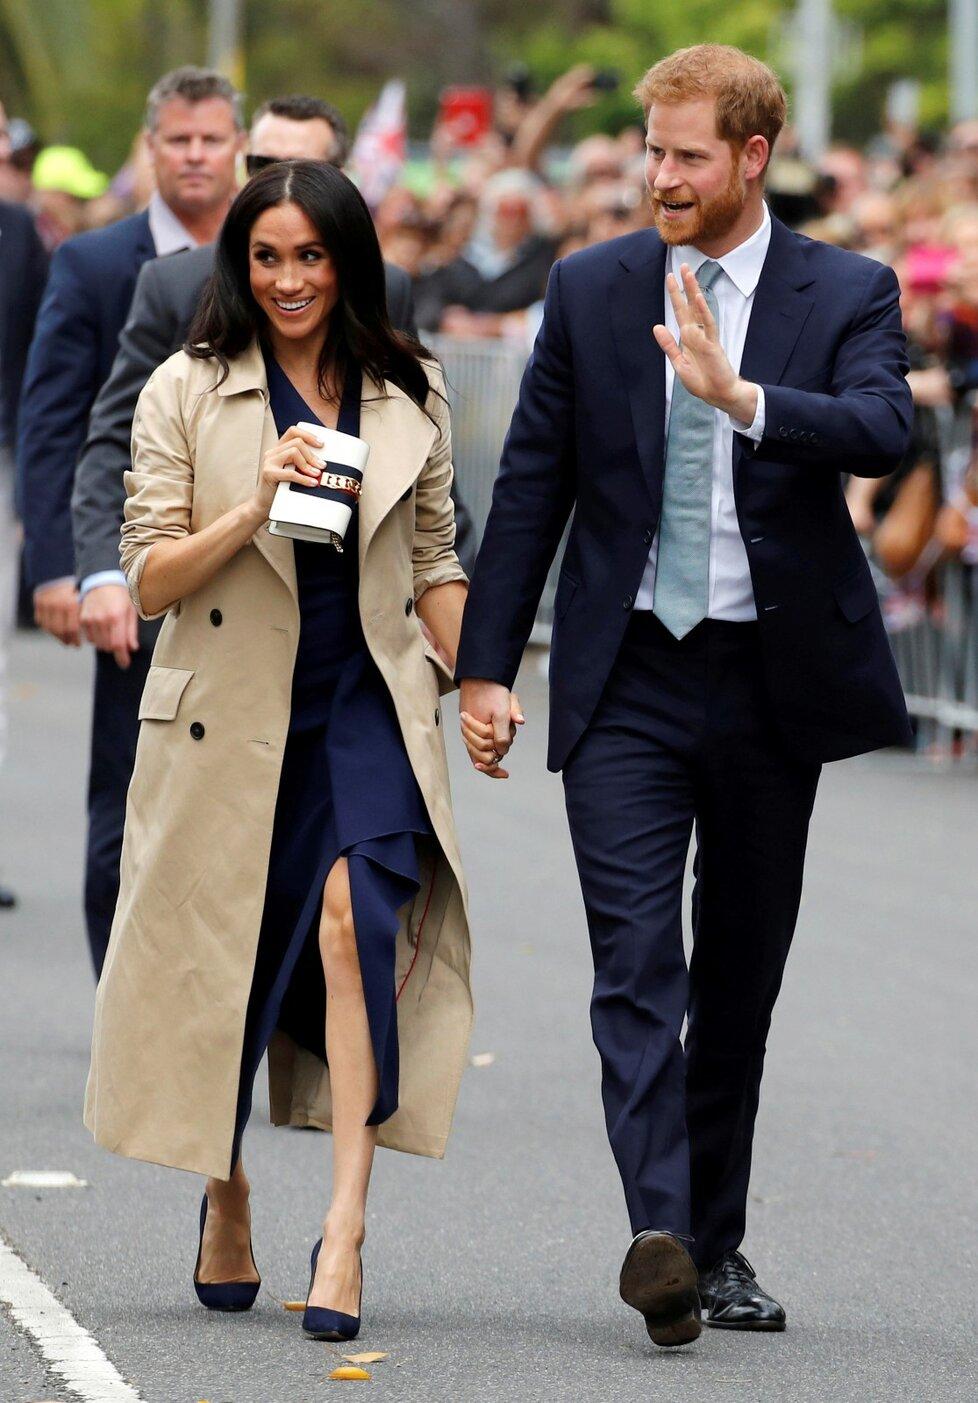 Princ Harry s těhotnou Meghan při návštěvě města Merlbourne v Austrálii.